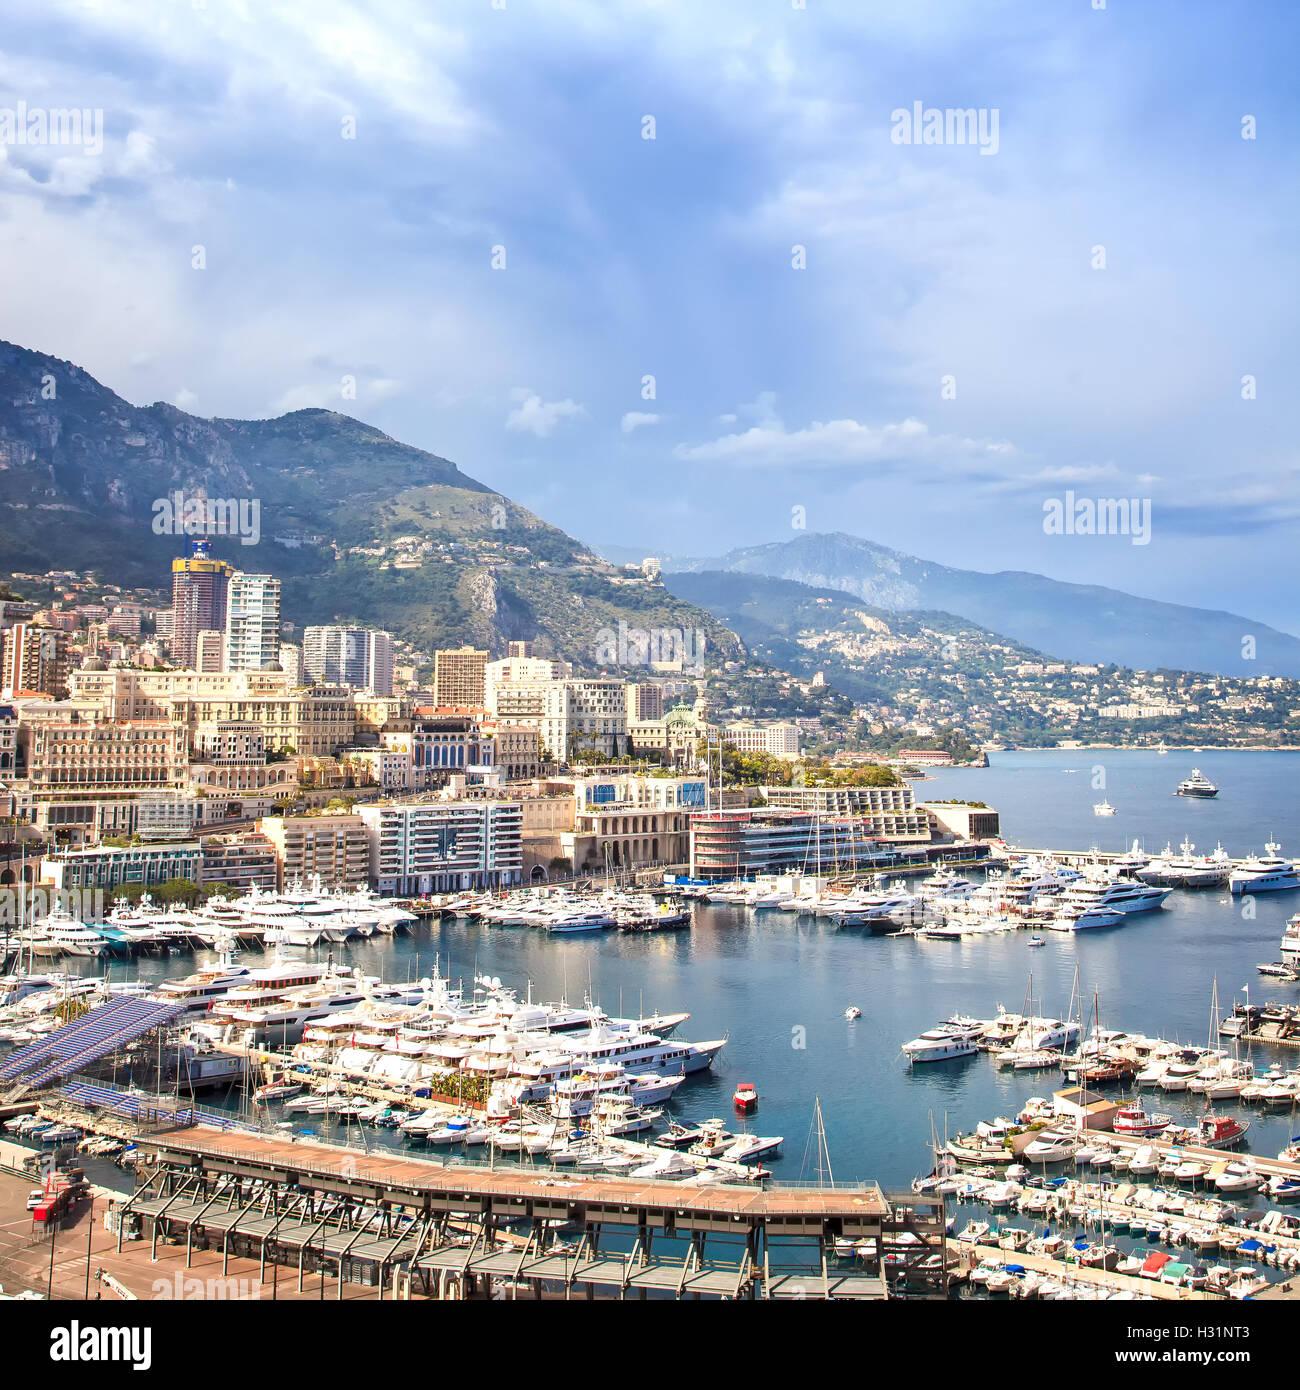 Monaco Montecarlo cityscape, principato antenna e vista sul porto Grattacieli, montagne e marina. Costa Azzurra. Immagini Stock